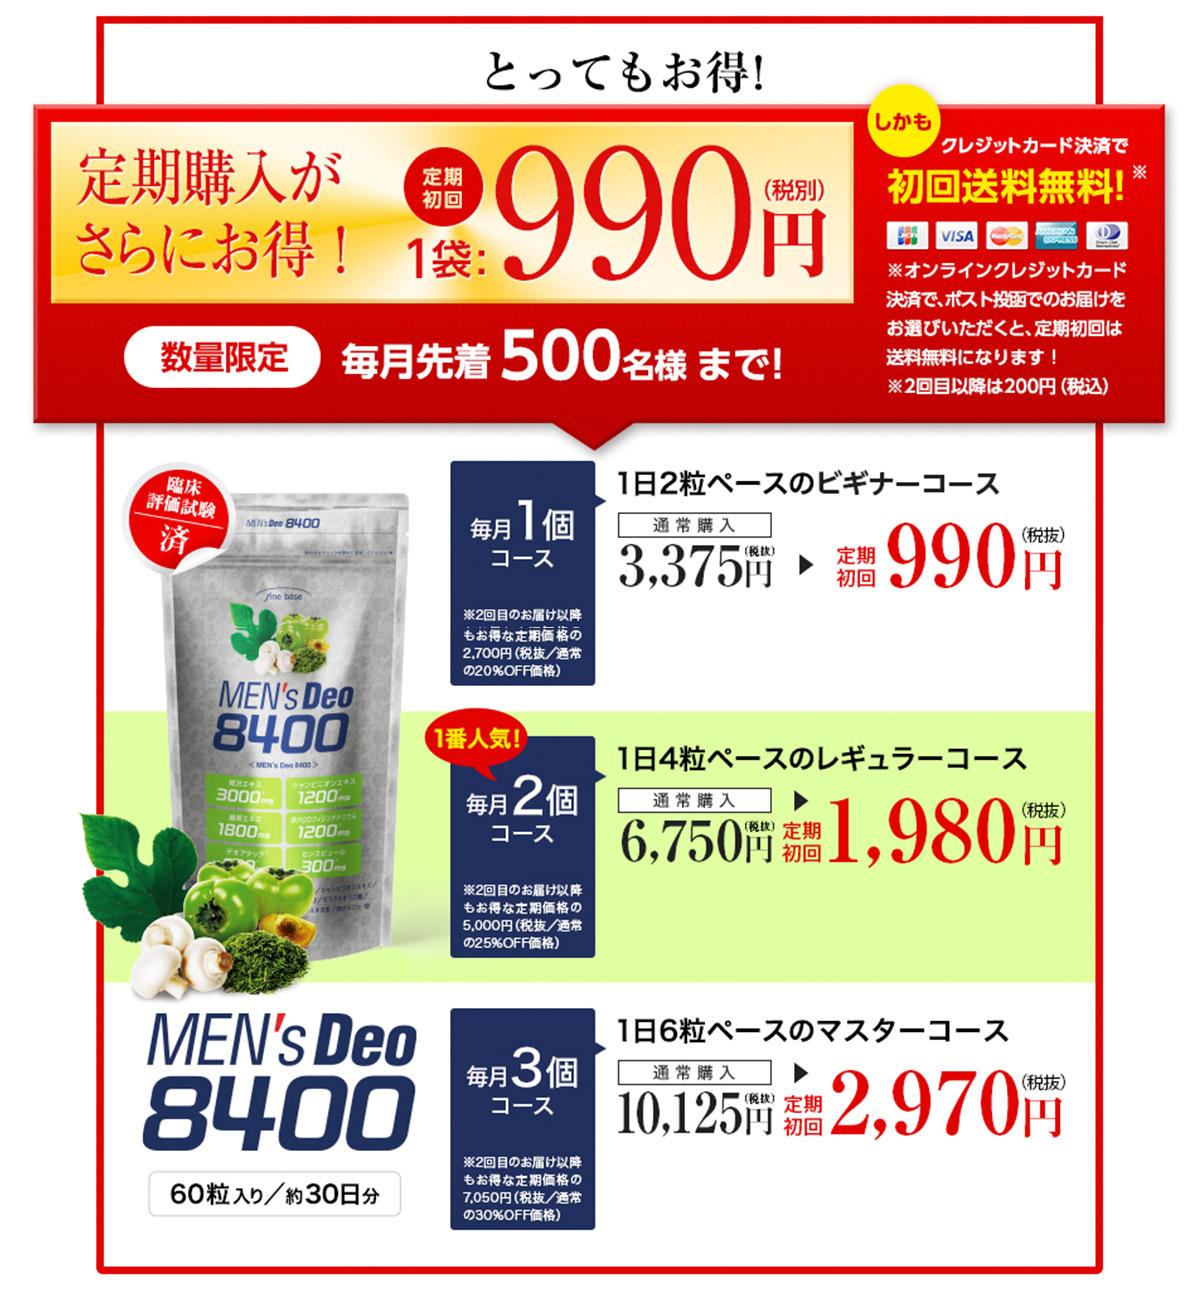 メンズデオ8400の定価・定期購入価格